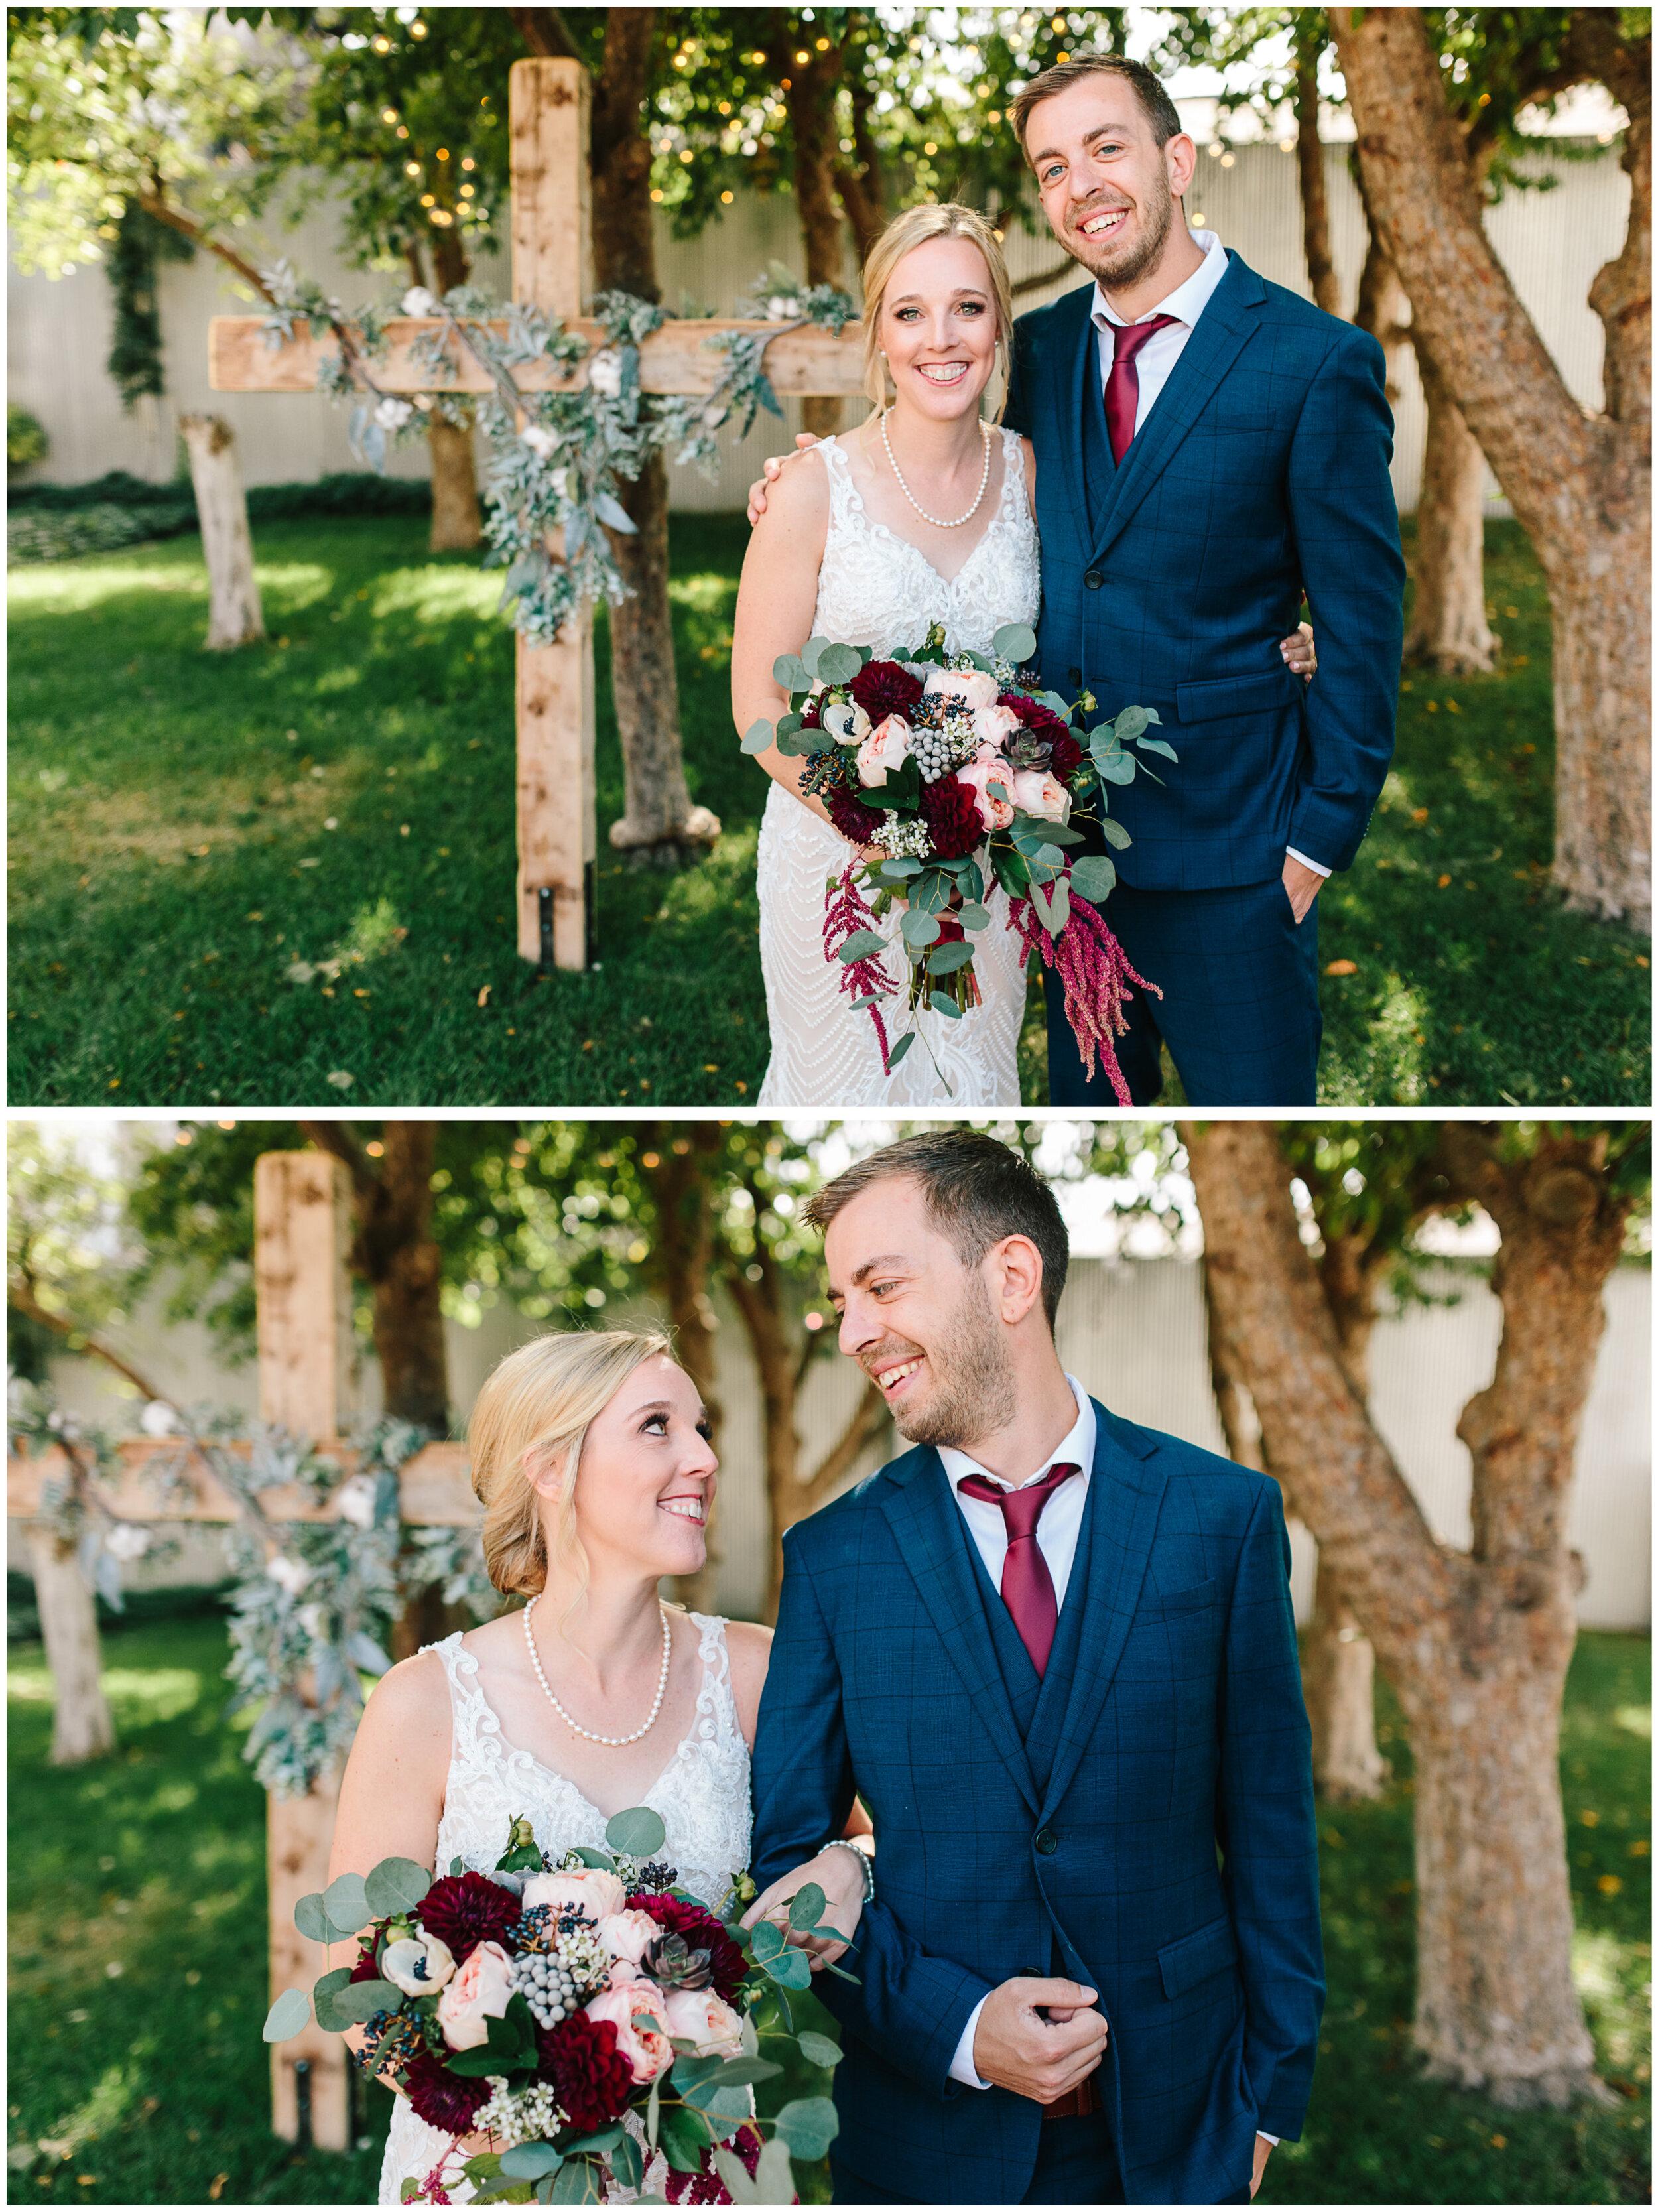 Blanc_Denver_Wedding_23.jpg